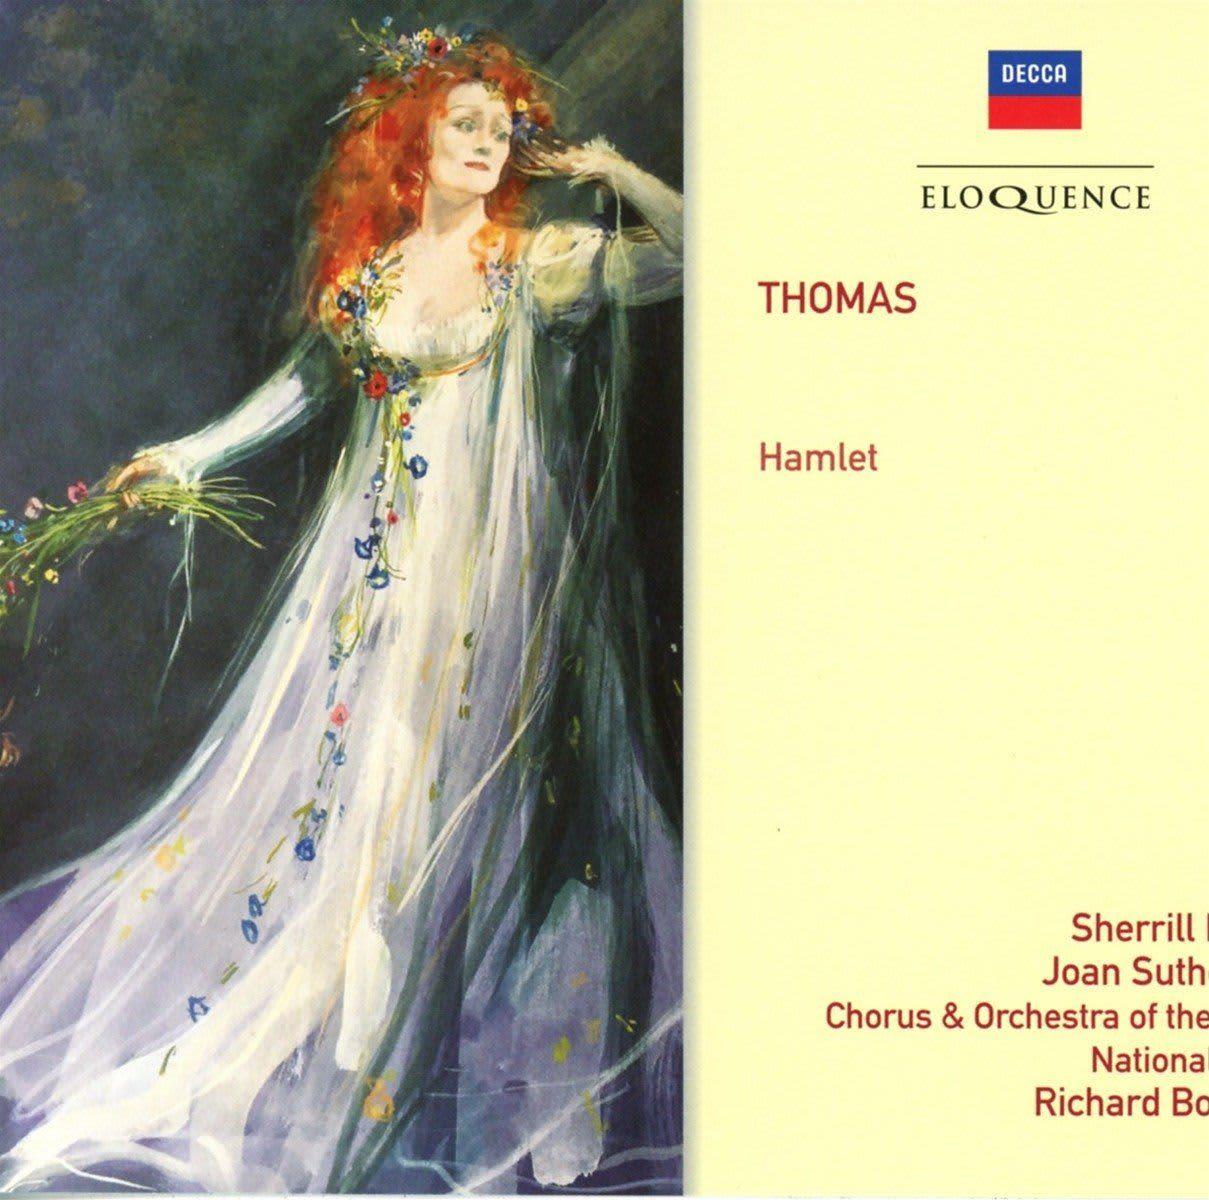 Photo No.1 of Thomas, Ambroise: Hamlet